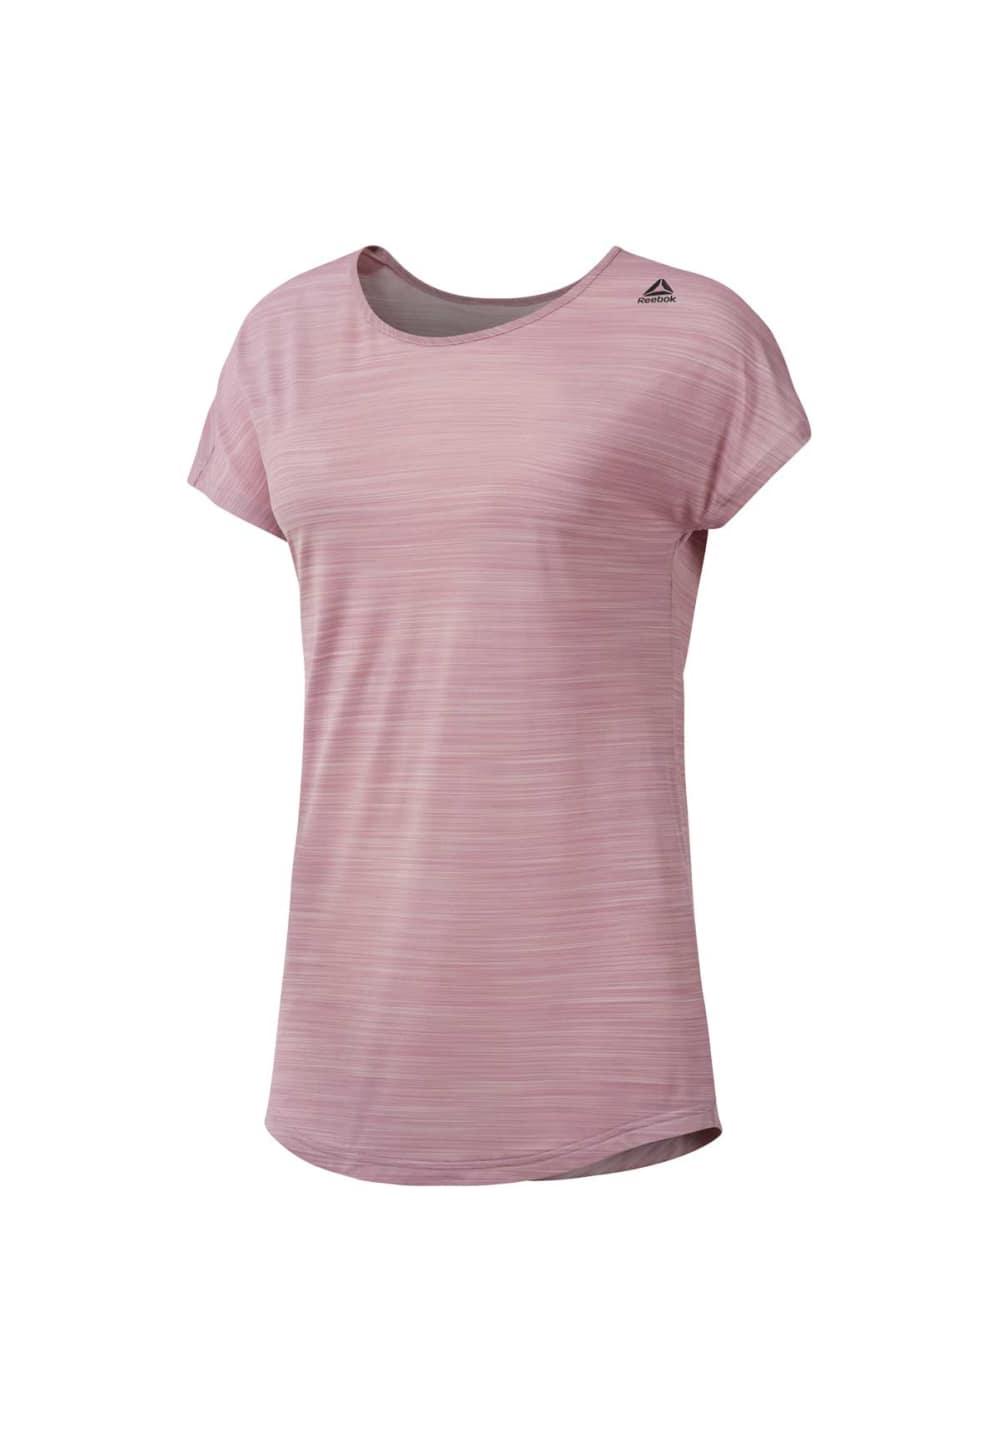 Reebok Work Out Activchill Tee - Fitnessshirts für Damen - Pink, Gr. XL